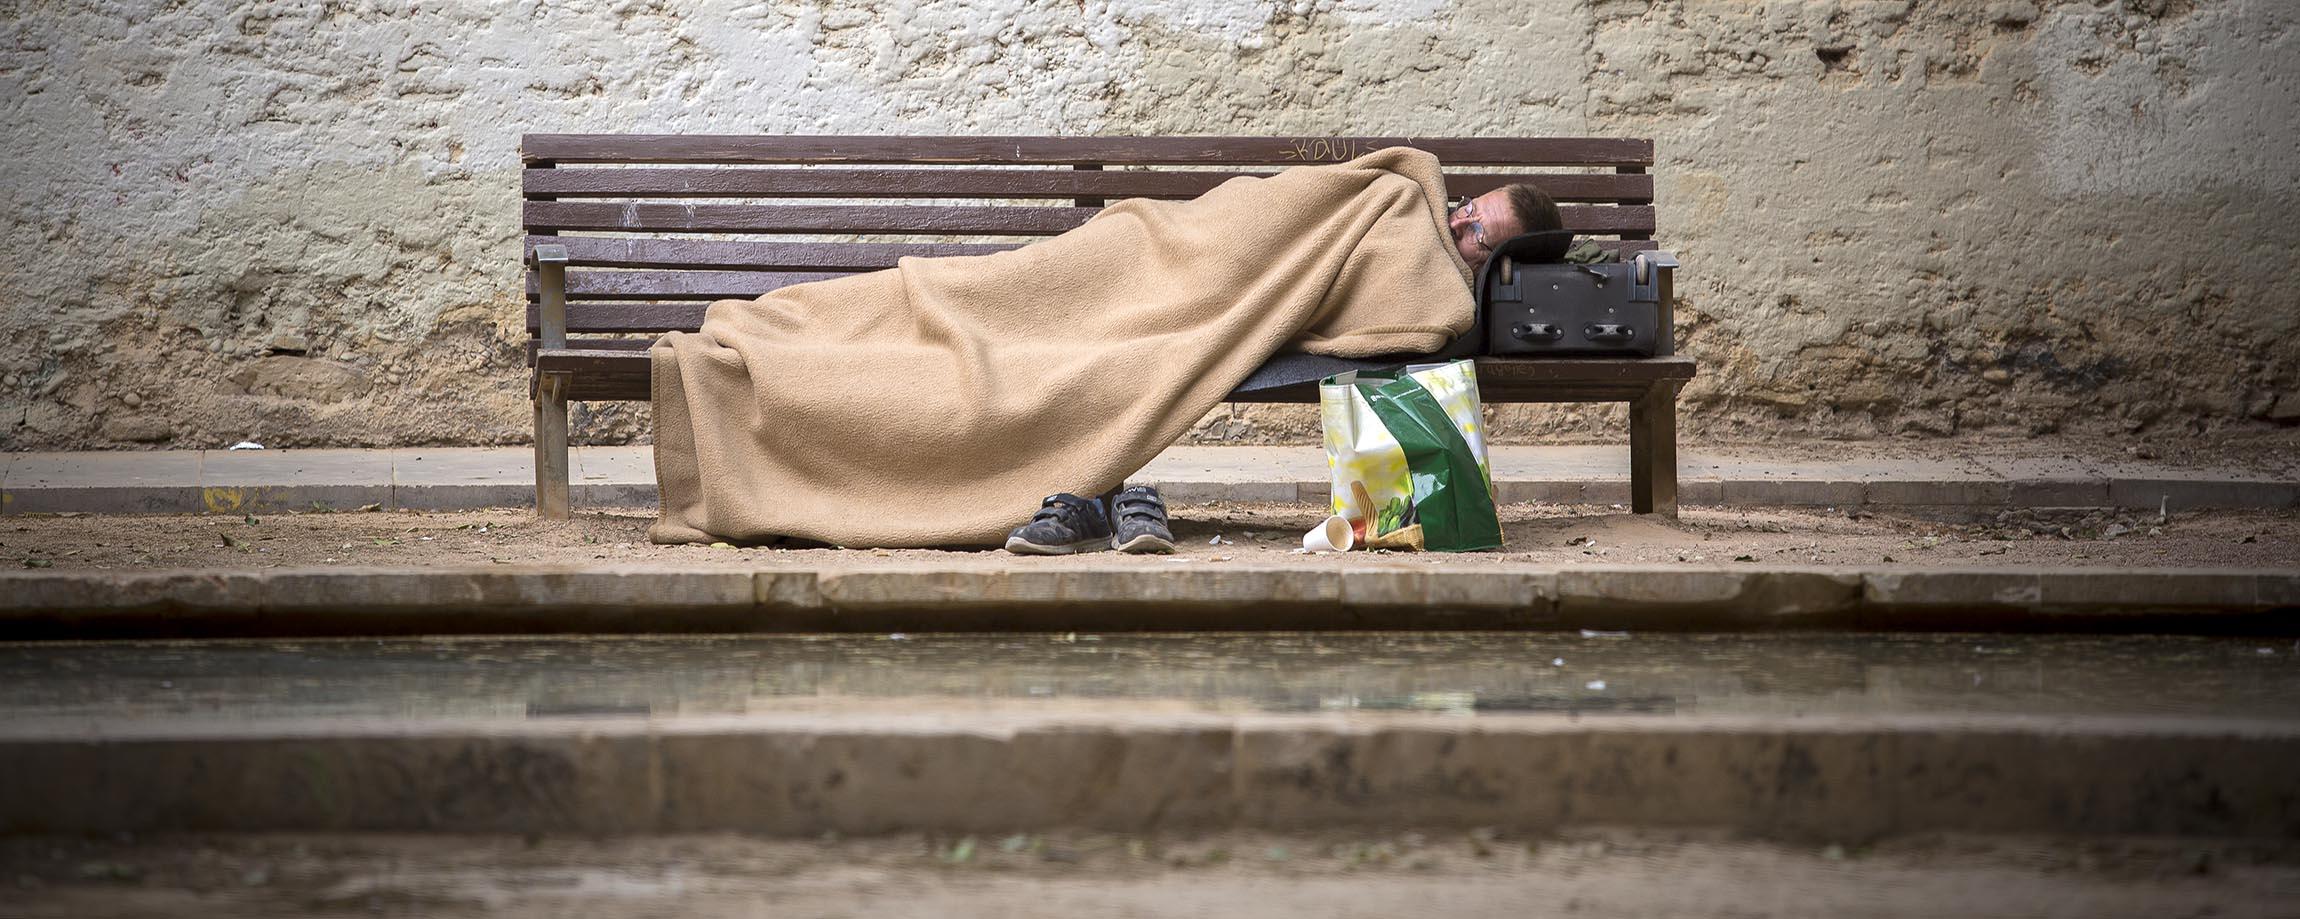 Una persona sin hogar descansa en un banco de madera | Fotografía: Marga Ferrer